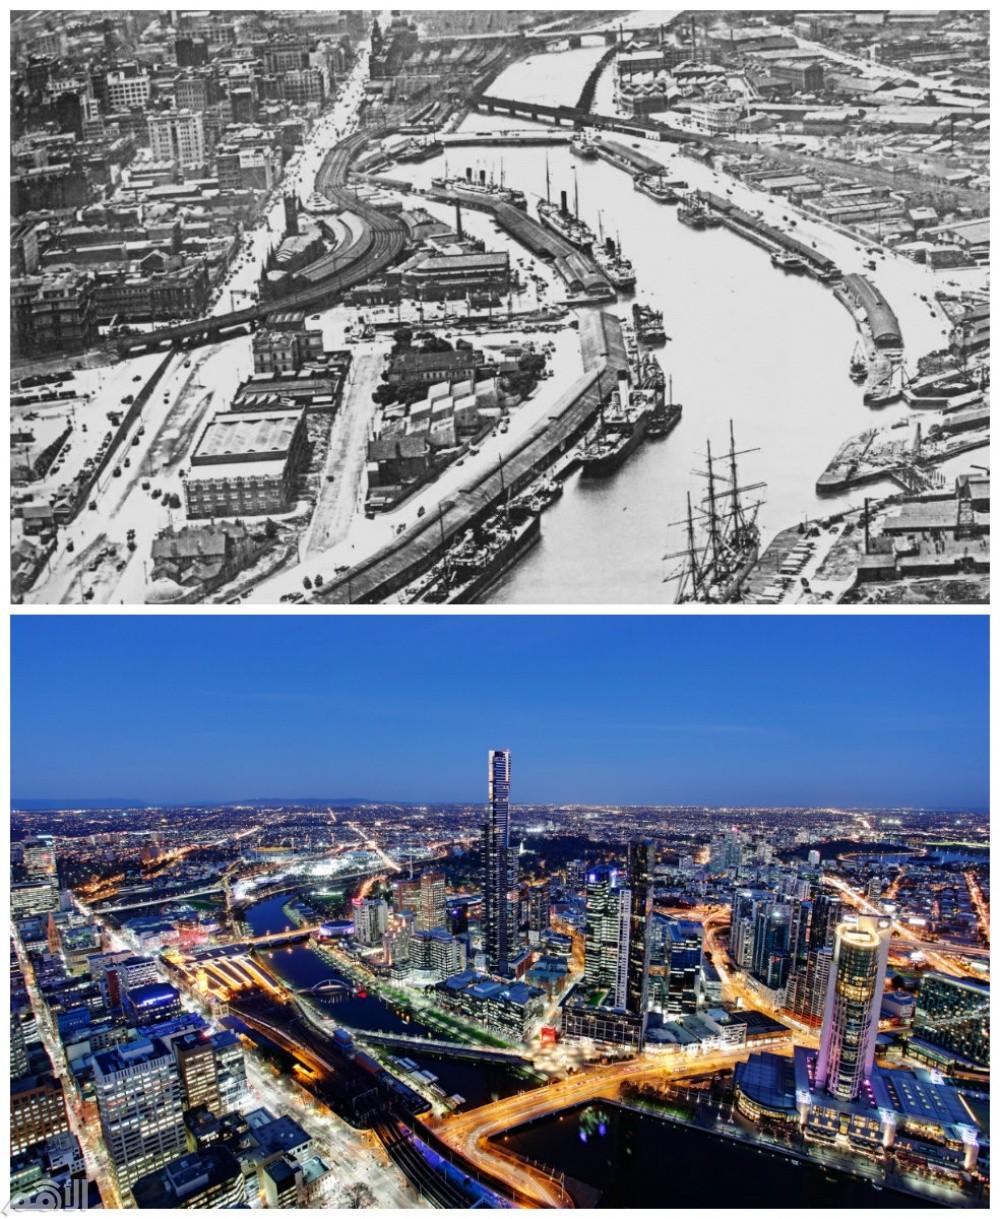 10 مدن تغيرت بشكل لا يصدق في فترة قصيرة بينهم مدينة عربية.